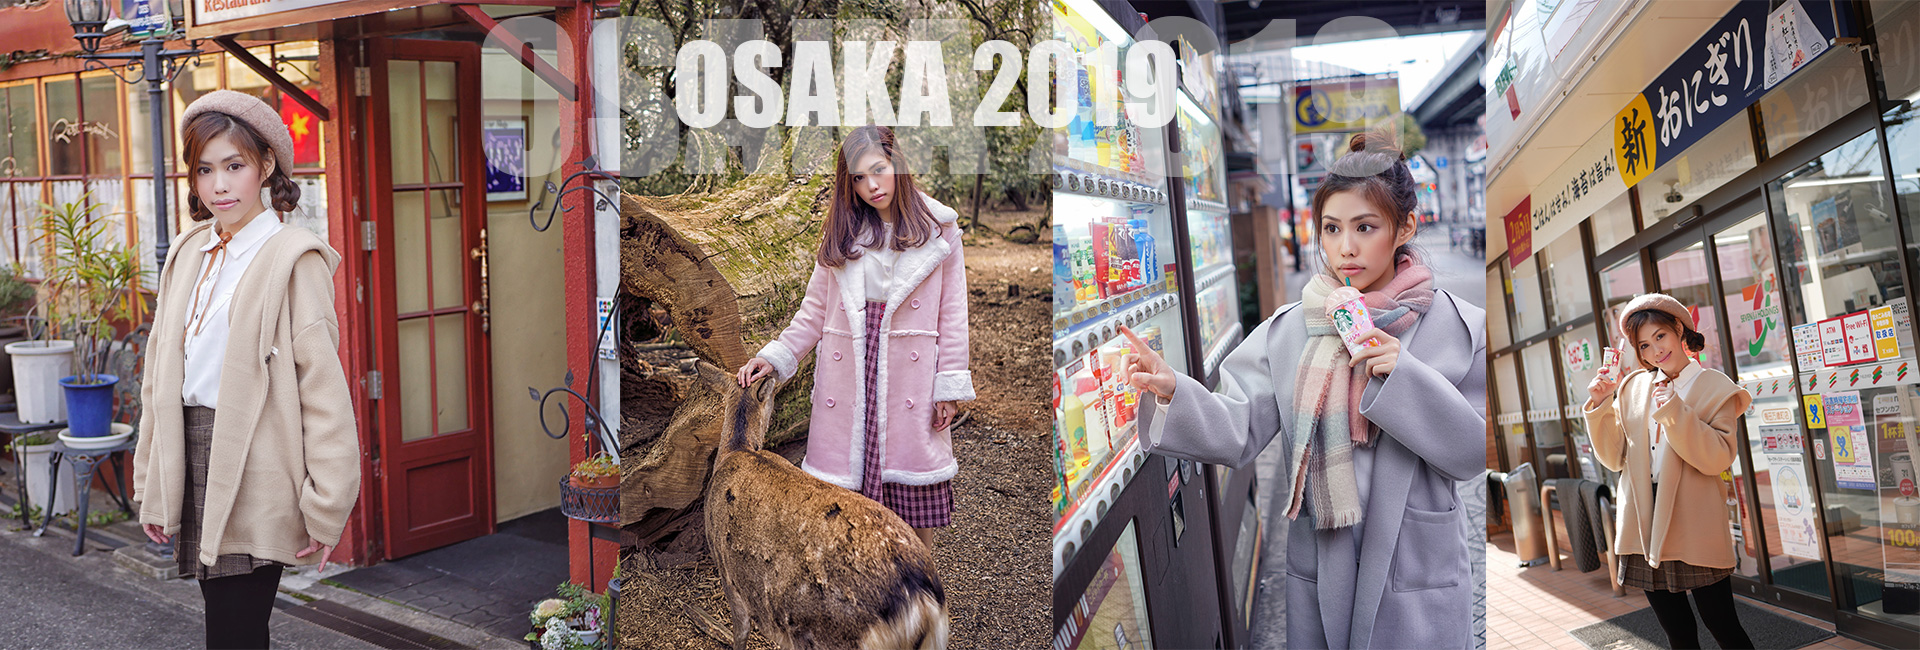 Osaka 2019